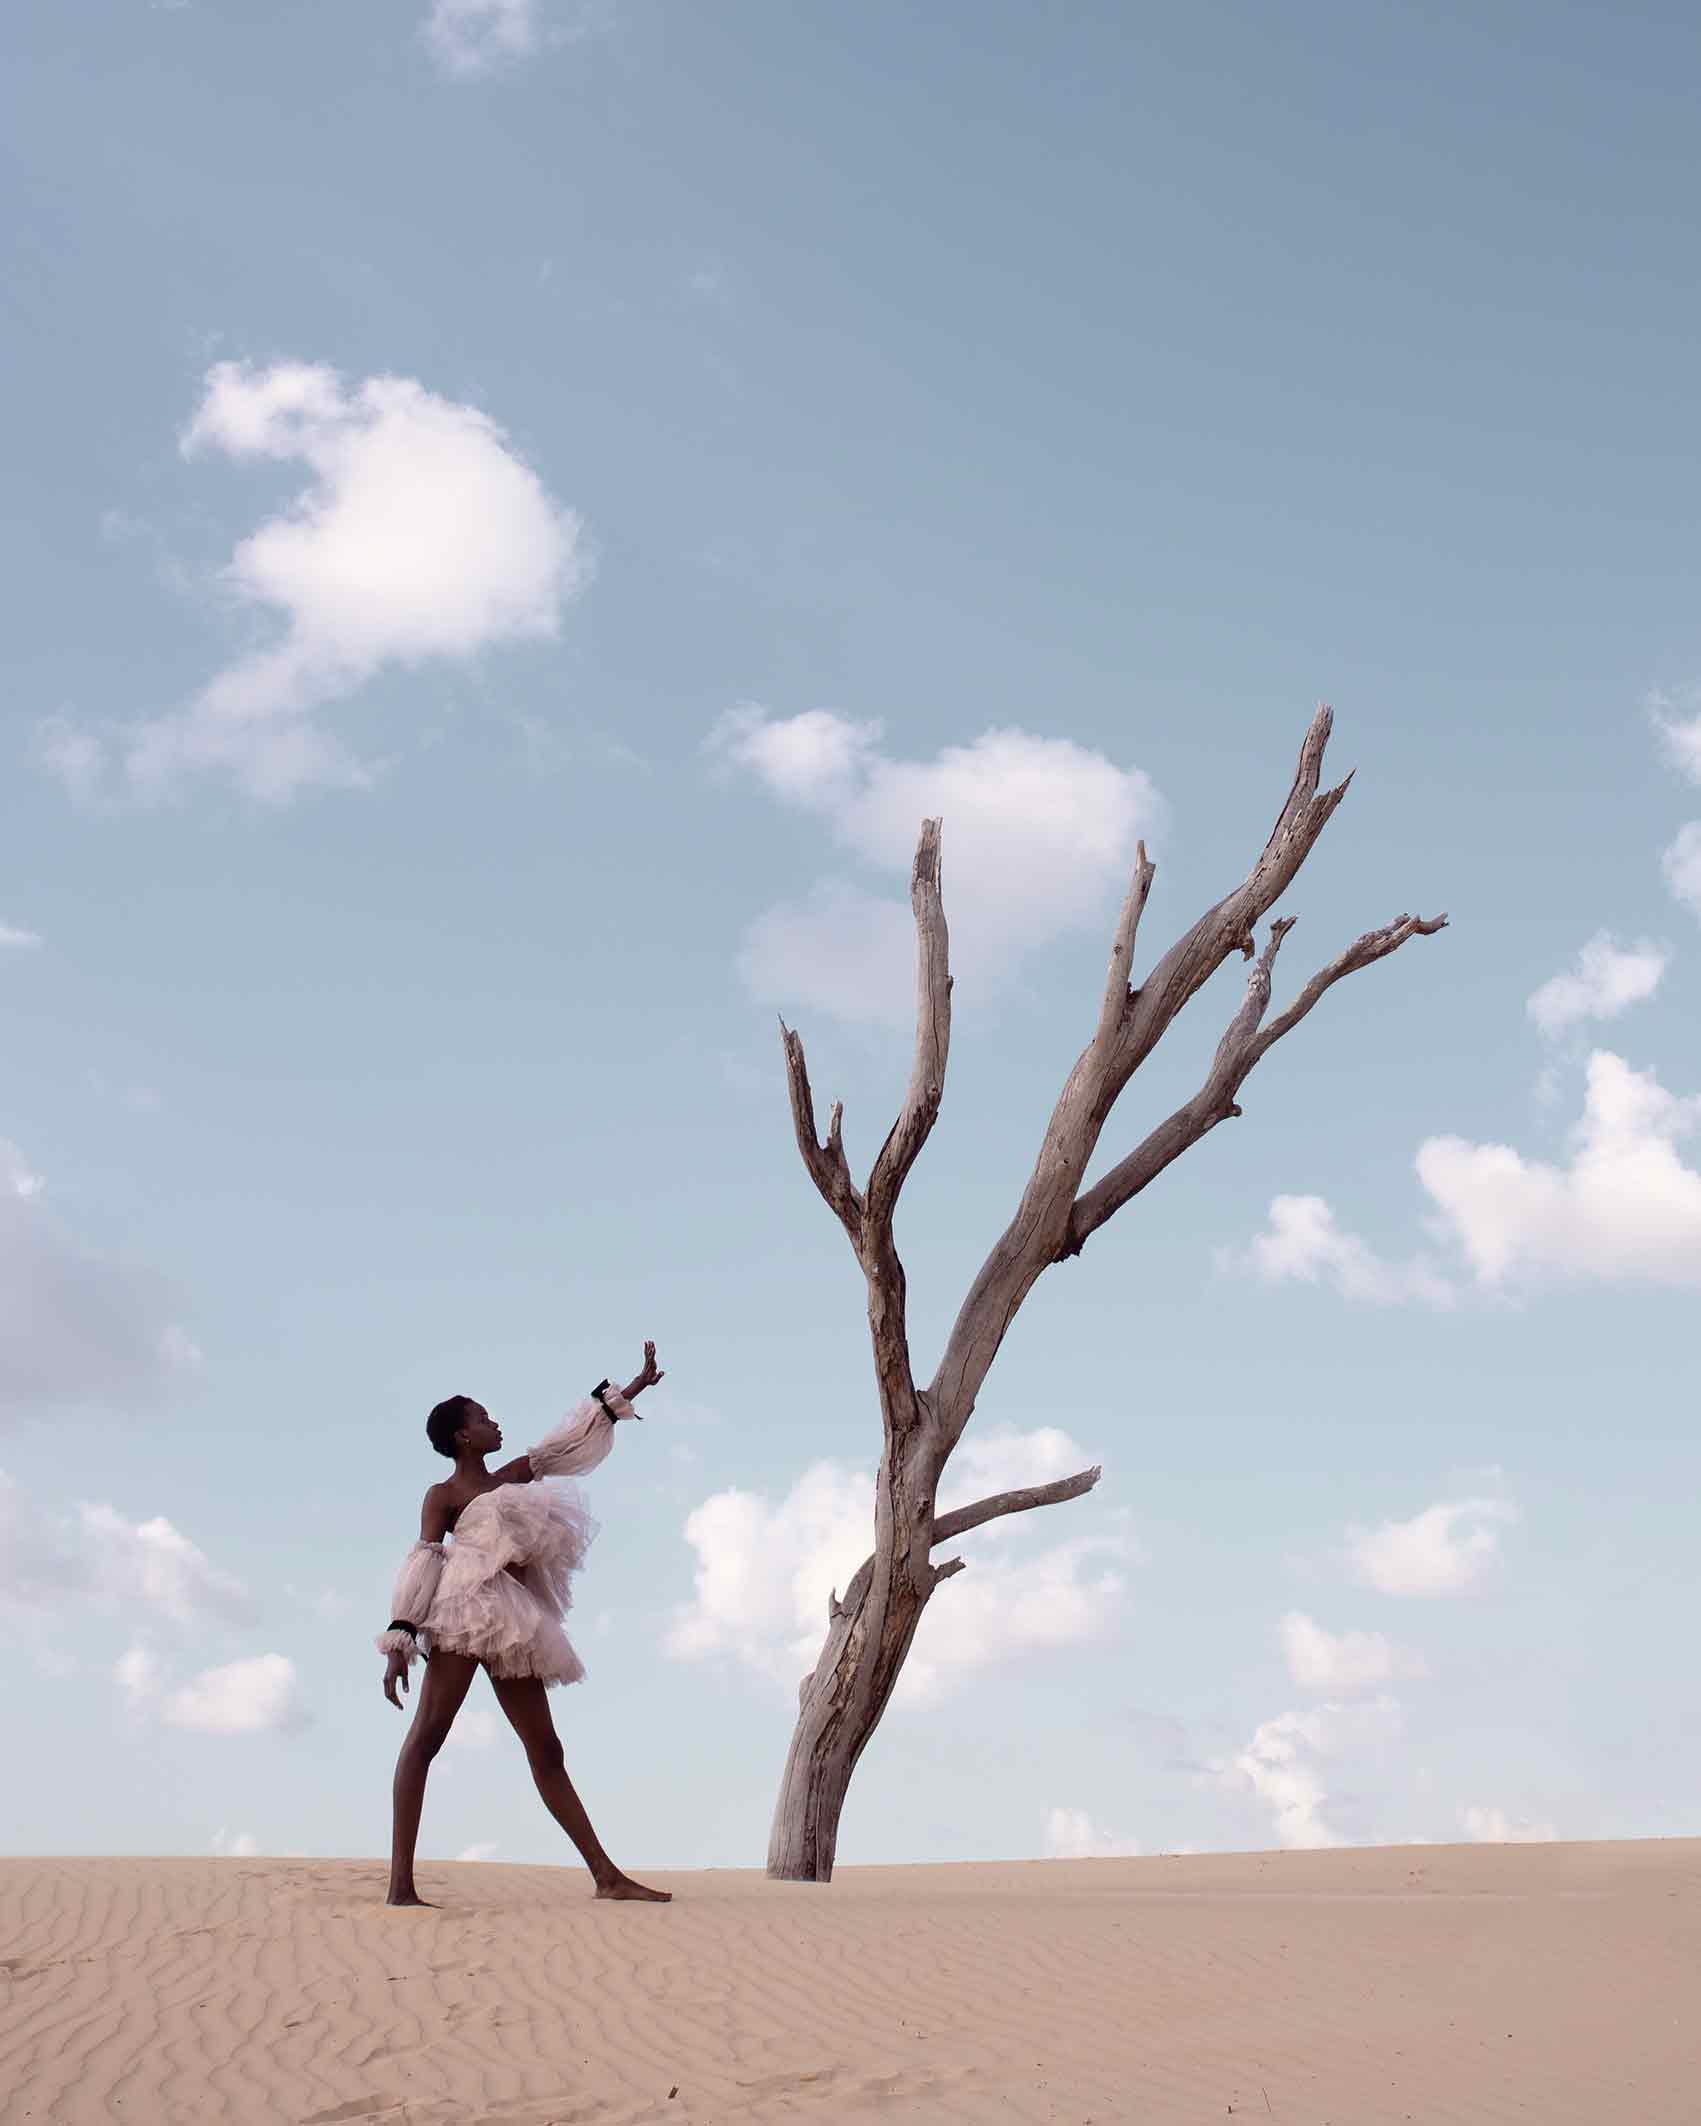 אופנה-ישראלית-Photographer: YAEL BAR, Models: RITA AUGUSTINO, POLINA RIA, Makeup: AREEG GH, Stylist: BAR FRIEDMAN, Designers: BOOBA MACHO, MONALIZABETH